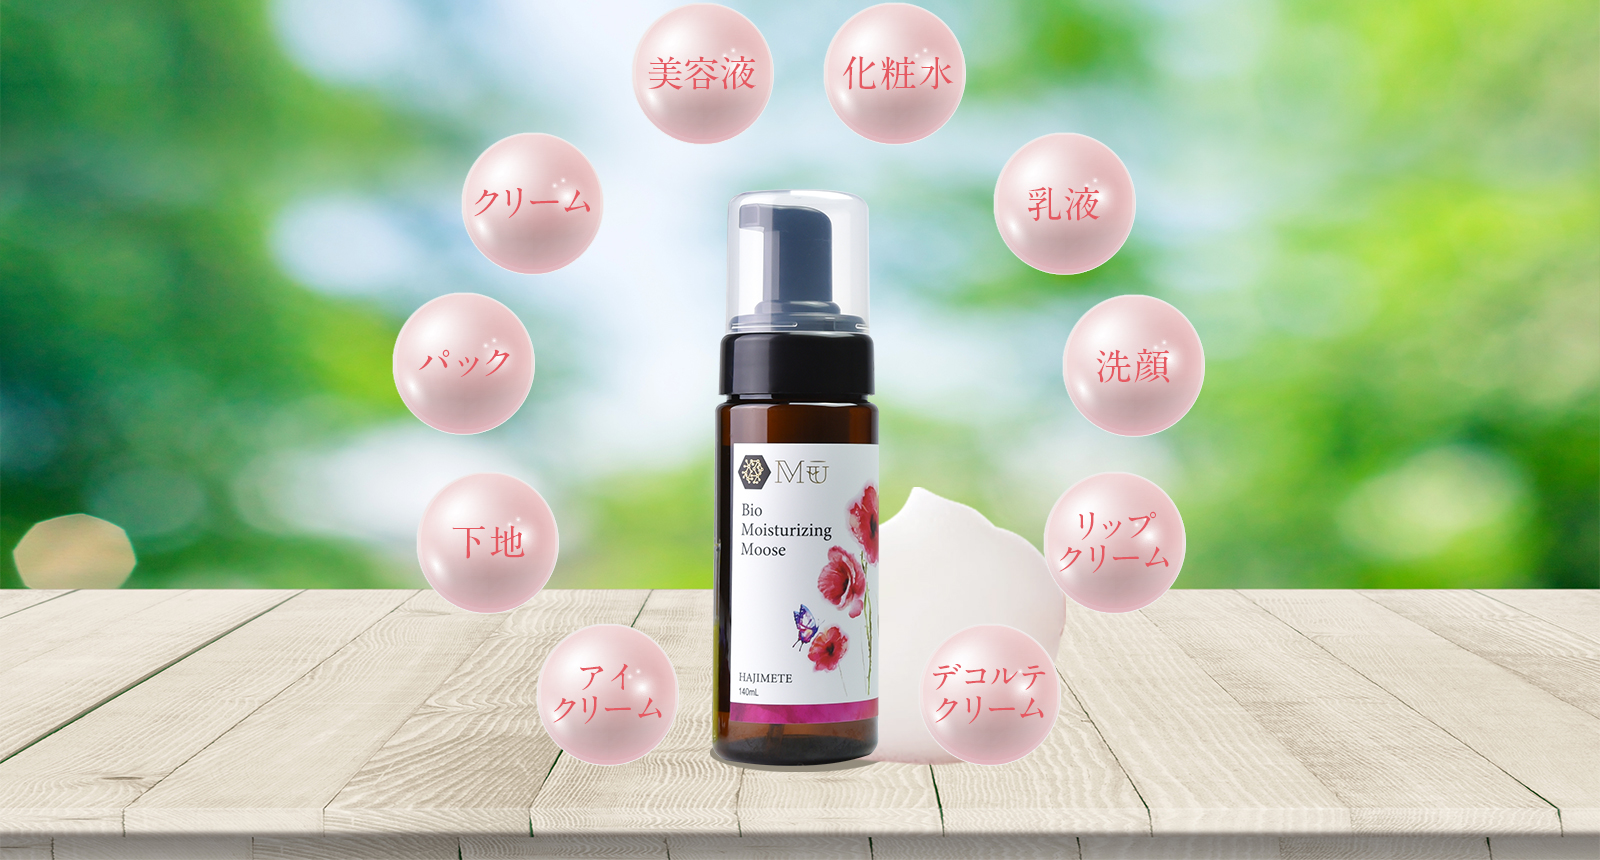 美容液、化粧水、クリーム、乳液、パック、洗顔、下地、リップクリーム、アイクリーム、デコルテクリーム